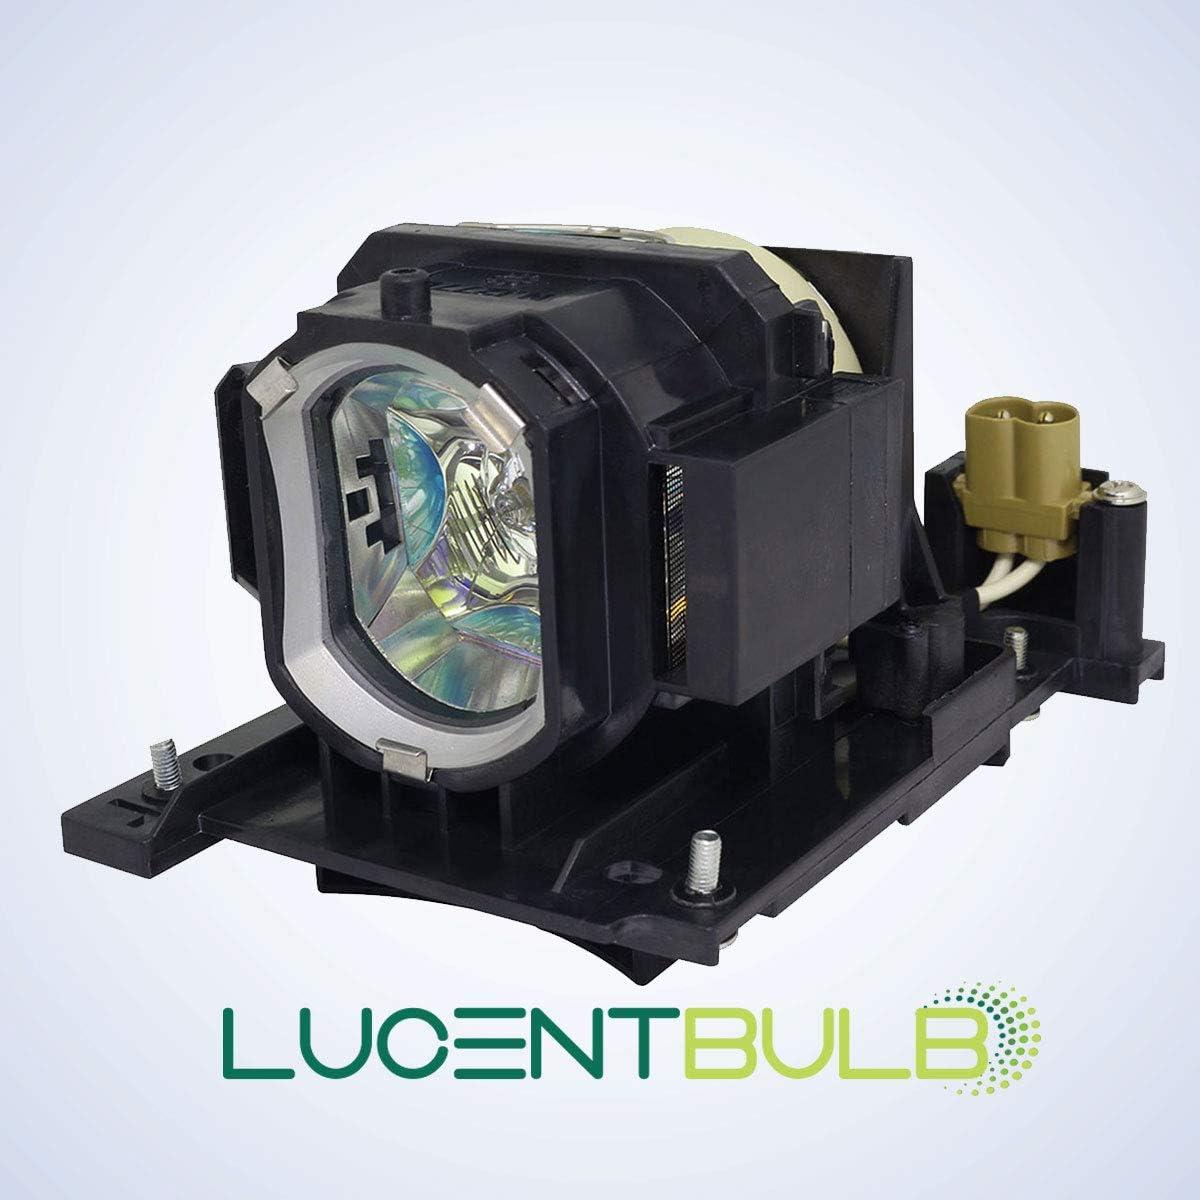 X260W Projector lamp Hitachi for CP X260 Hitachi CPX260LAMP X265W